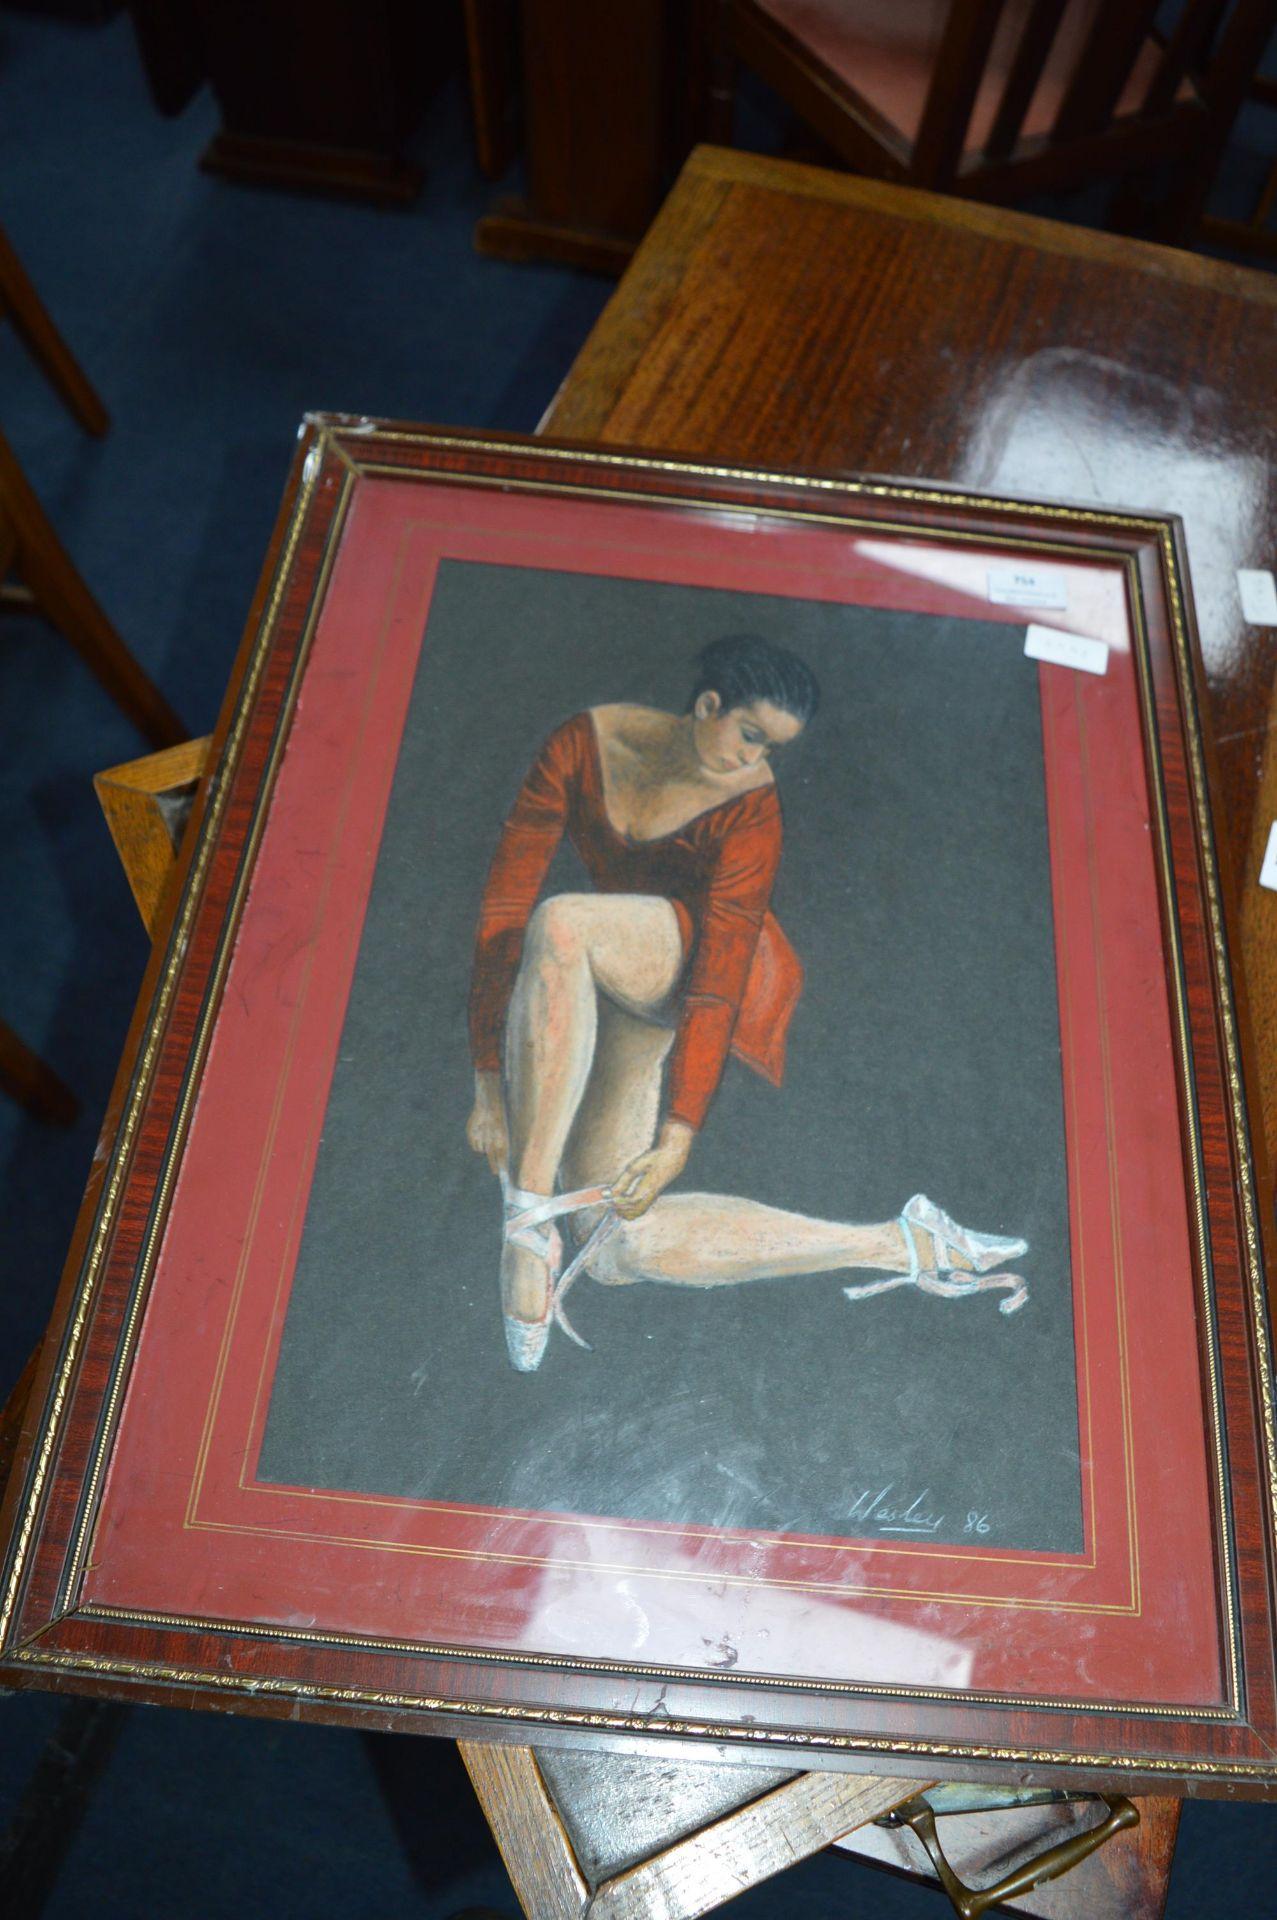 Lot 754 - Pastel Sketch of a Ballet Dancer